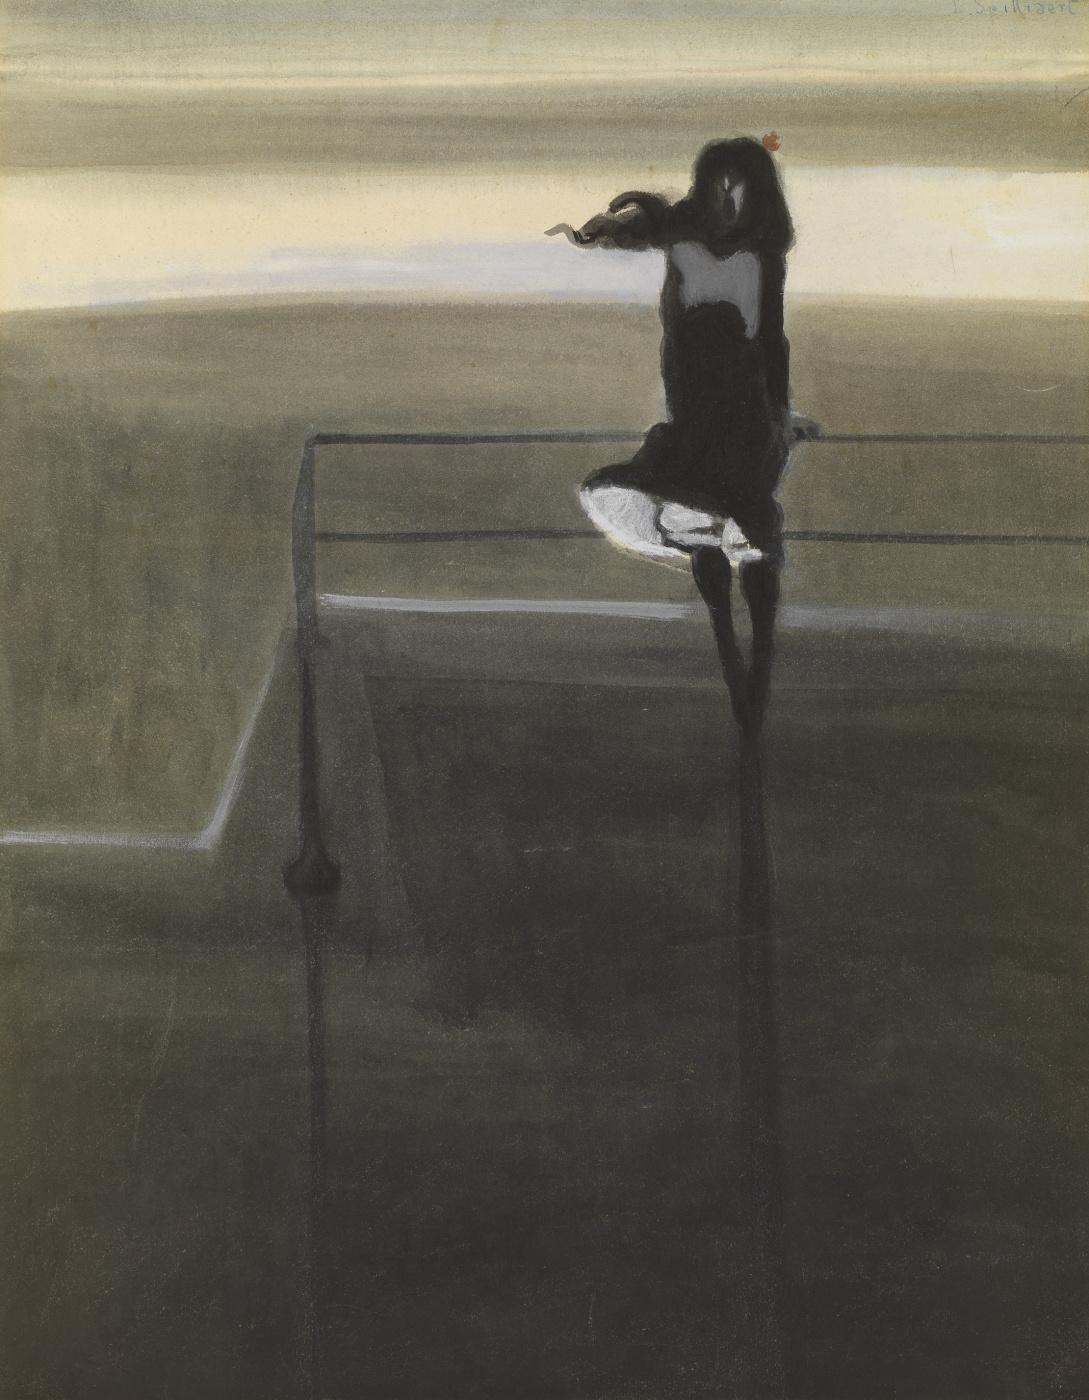 Leon Spilliaert. Gust of wind